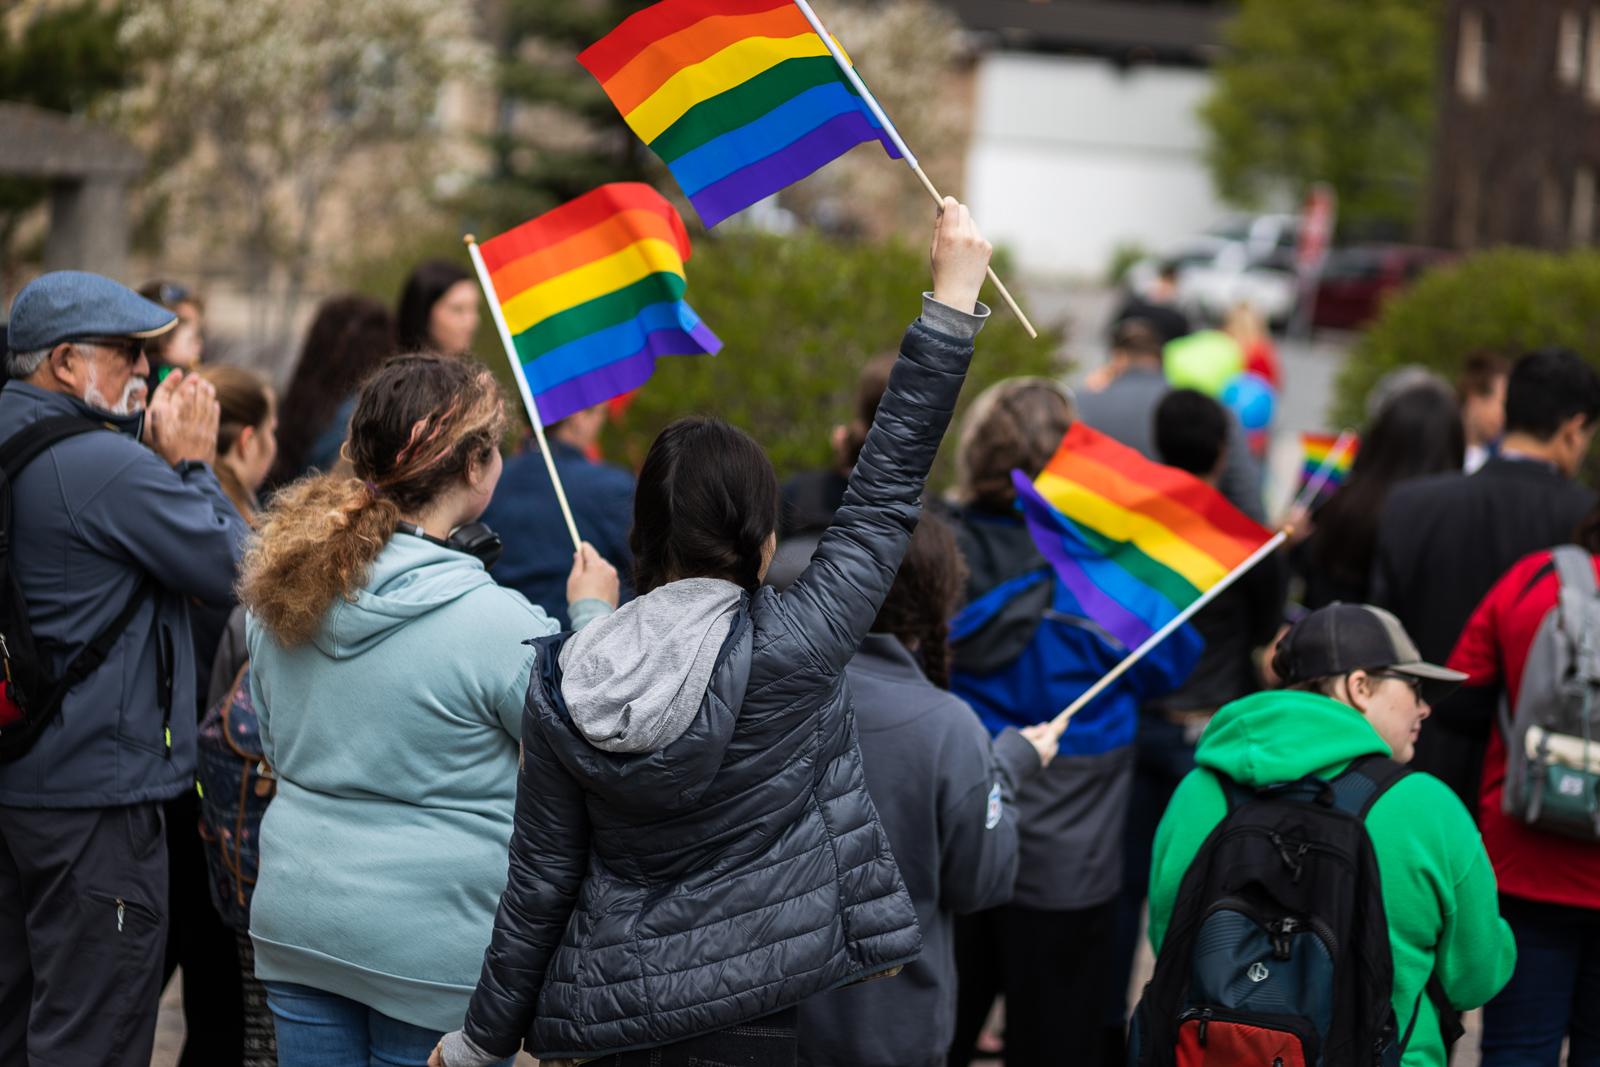 pride-2019-opening-ceremonies-blog-56.jpg